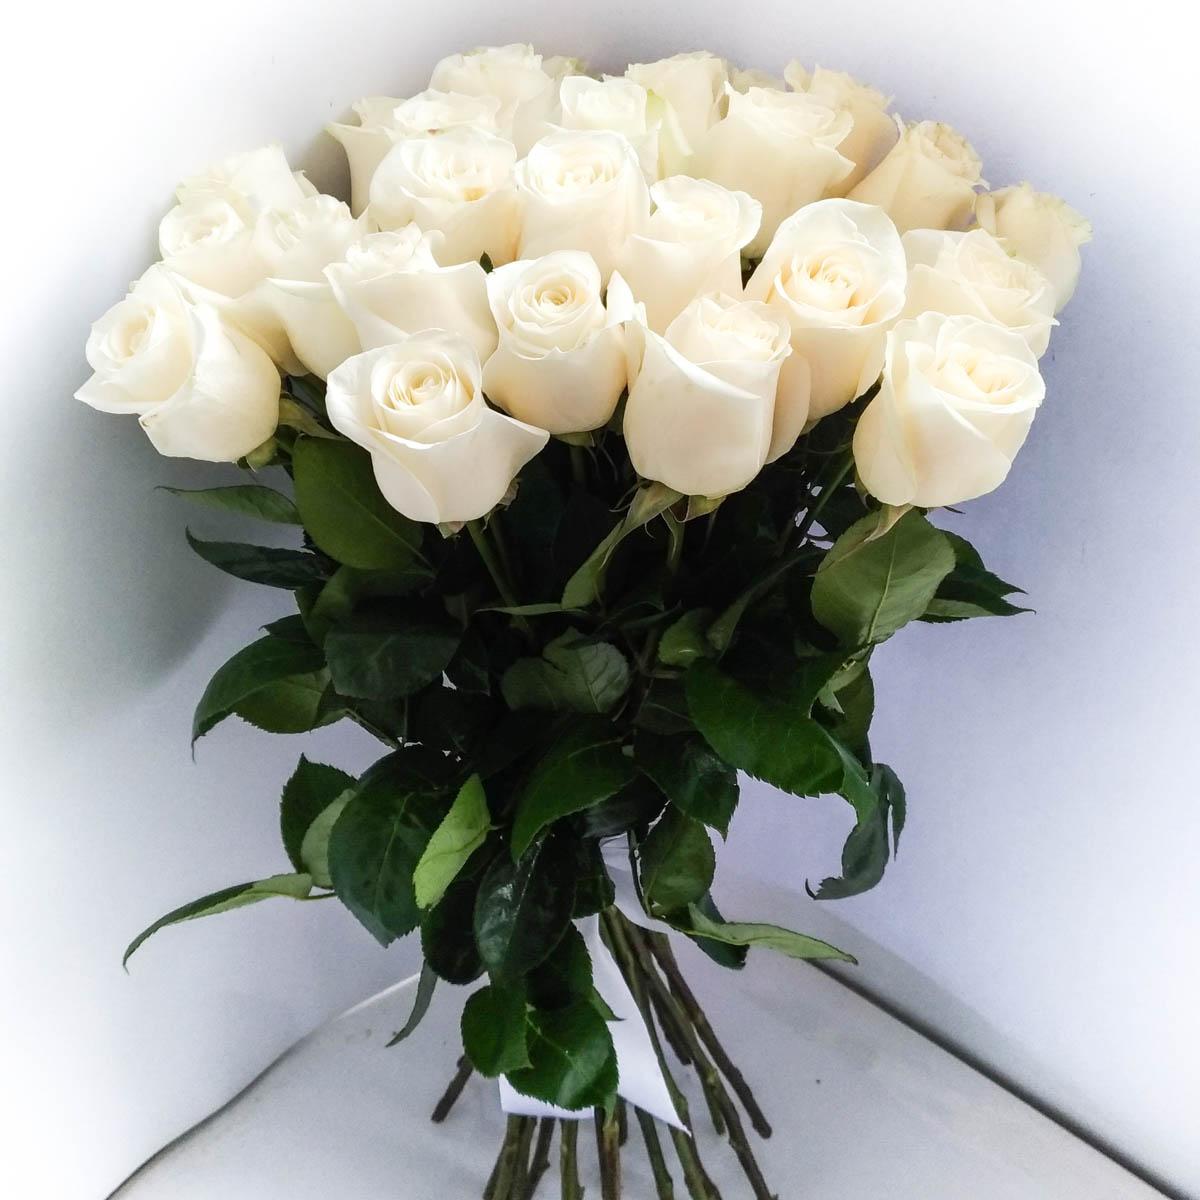 эти самые красивые букеты белых роз в картинках бриллианты издавна считались